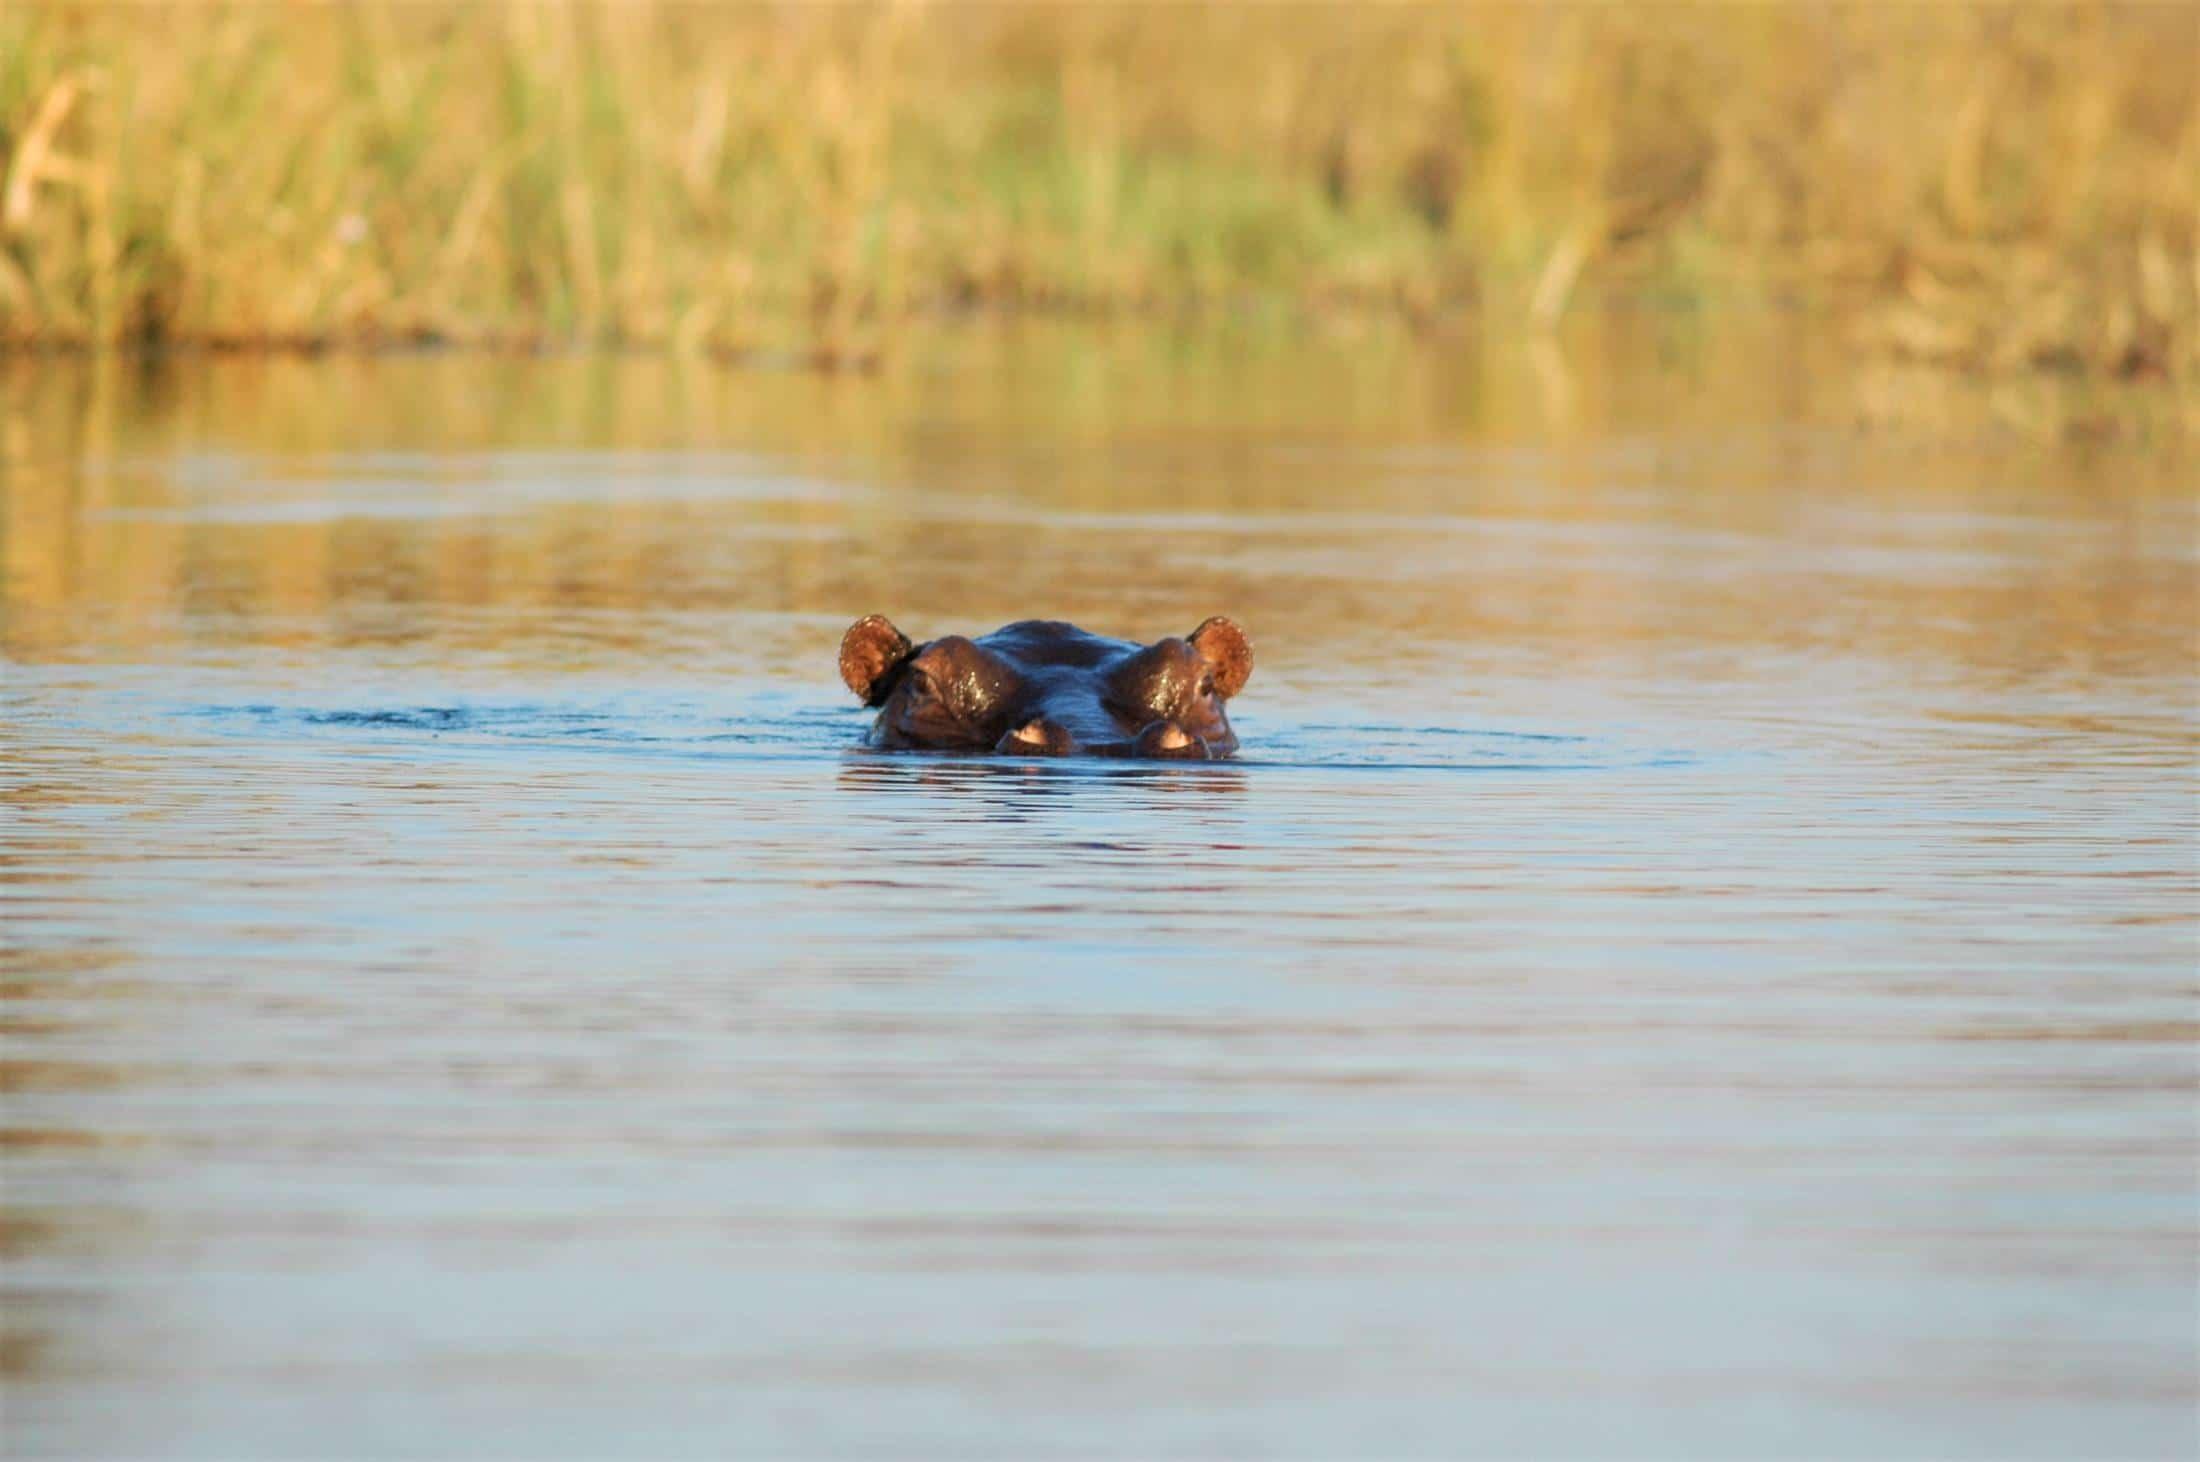 Natuur in Zuid-Afrika - Nijlpaard aan het wateroppervlak